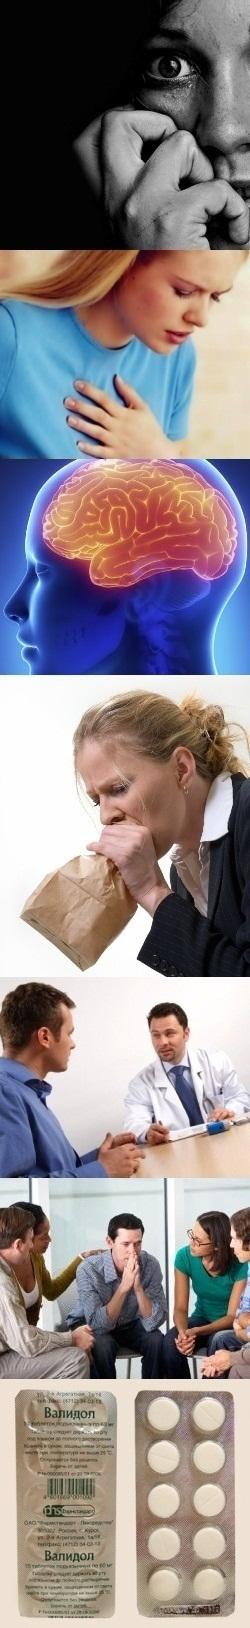 Цистит у женщин - причины симптомы диагностика и лечение